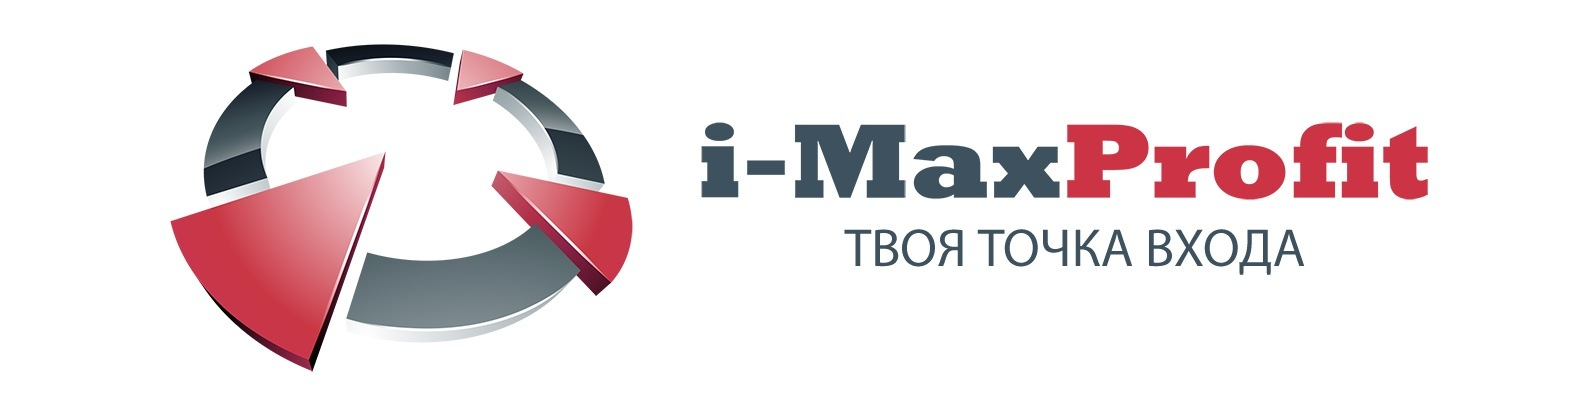 MaxProfit - Дневник трейдера + Тестер стратегий   ВКонтакте